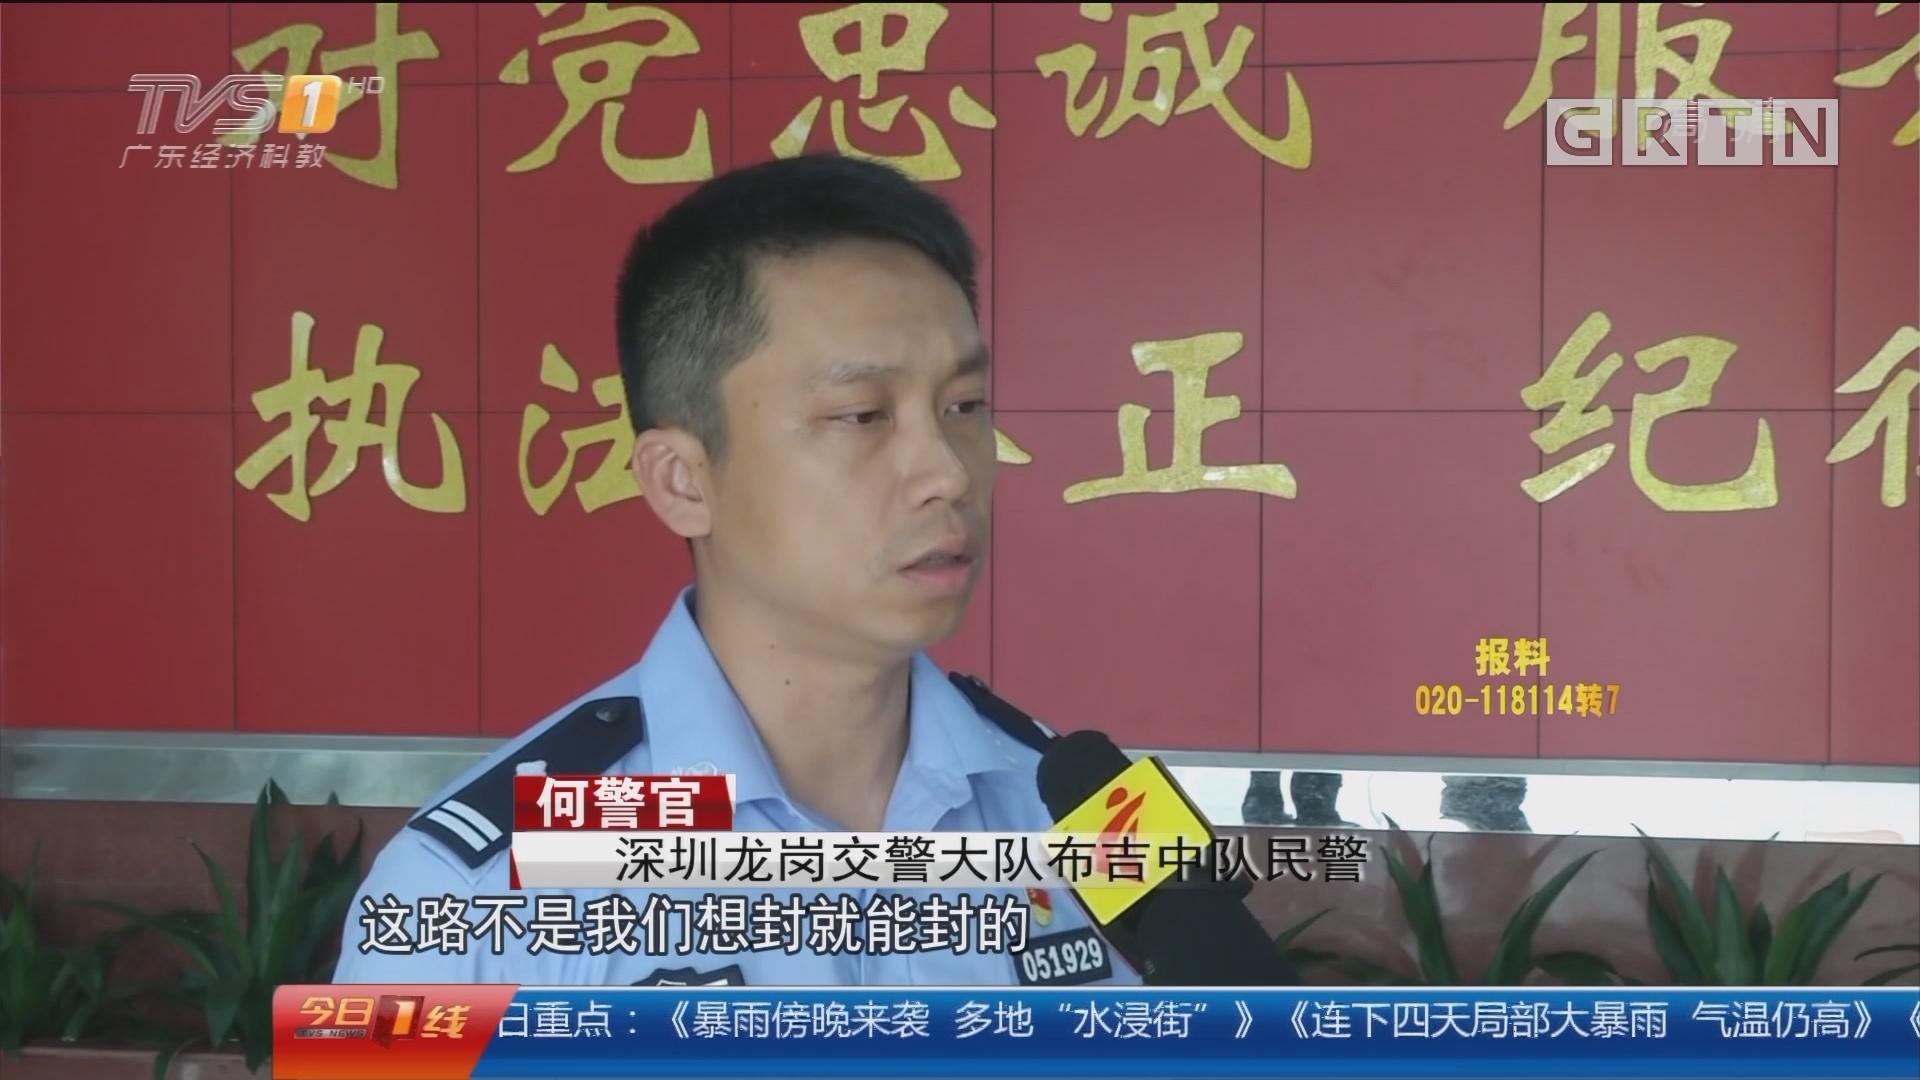 深圳:男子不满封路辱骂交警 被带走调查